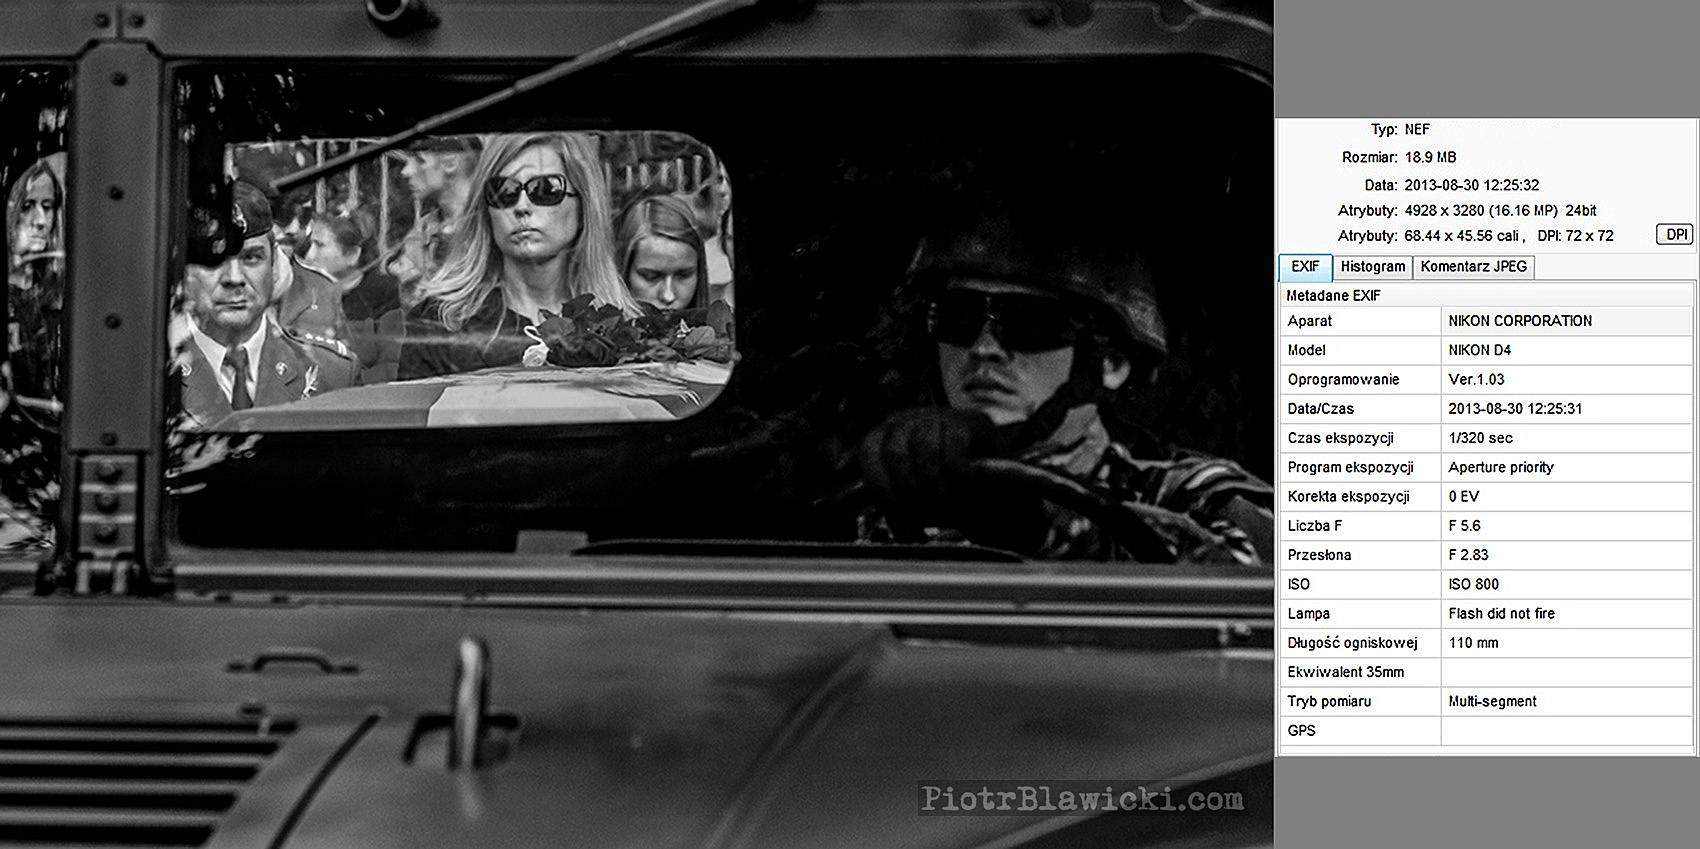 pogrzeb – żona i dowódca chorążego idą za trumną żołnierza